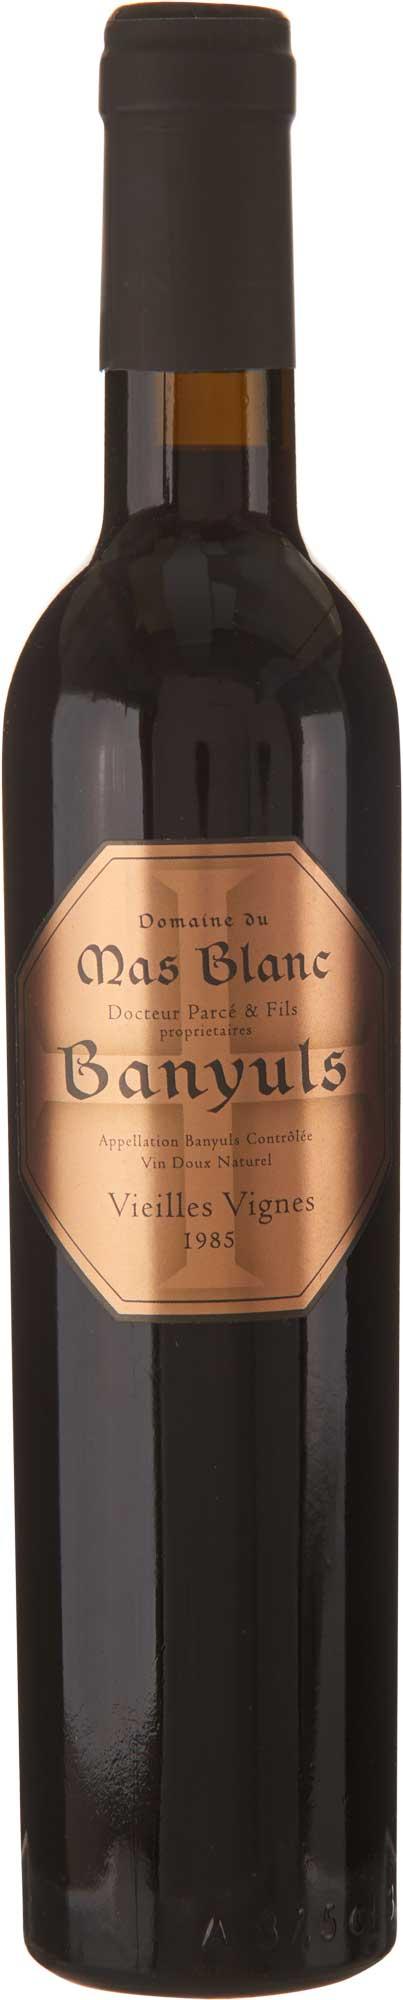 """Domaine du Mas Blanc Banyuls """"Vieilles Vignes"""" 1985"""